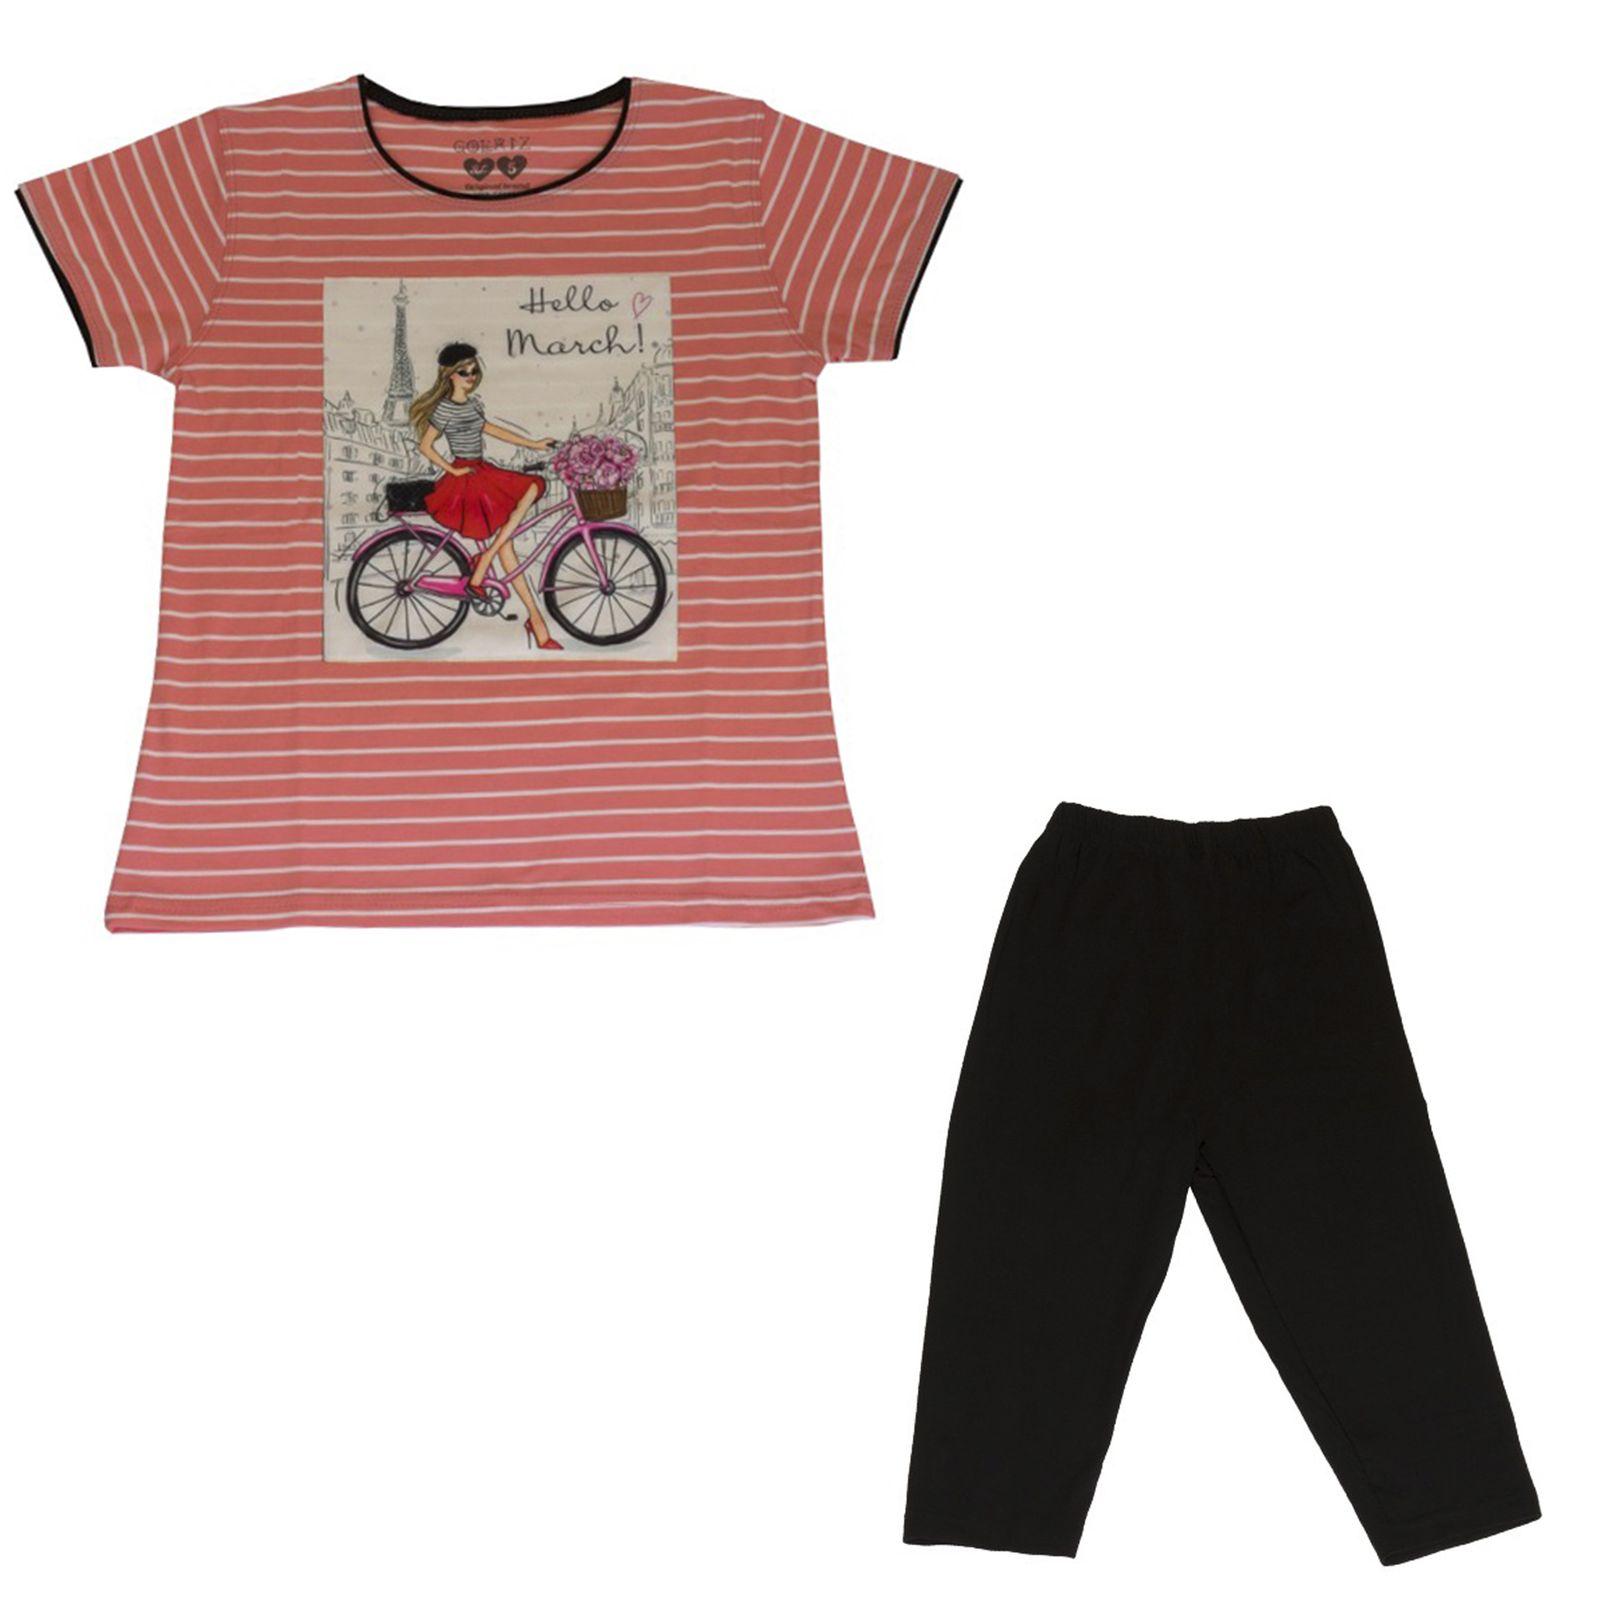 ست تیشرت و شلوارک دخترانه گلریز کد 99135 رنگ گلبهی -  - 2